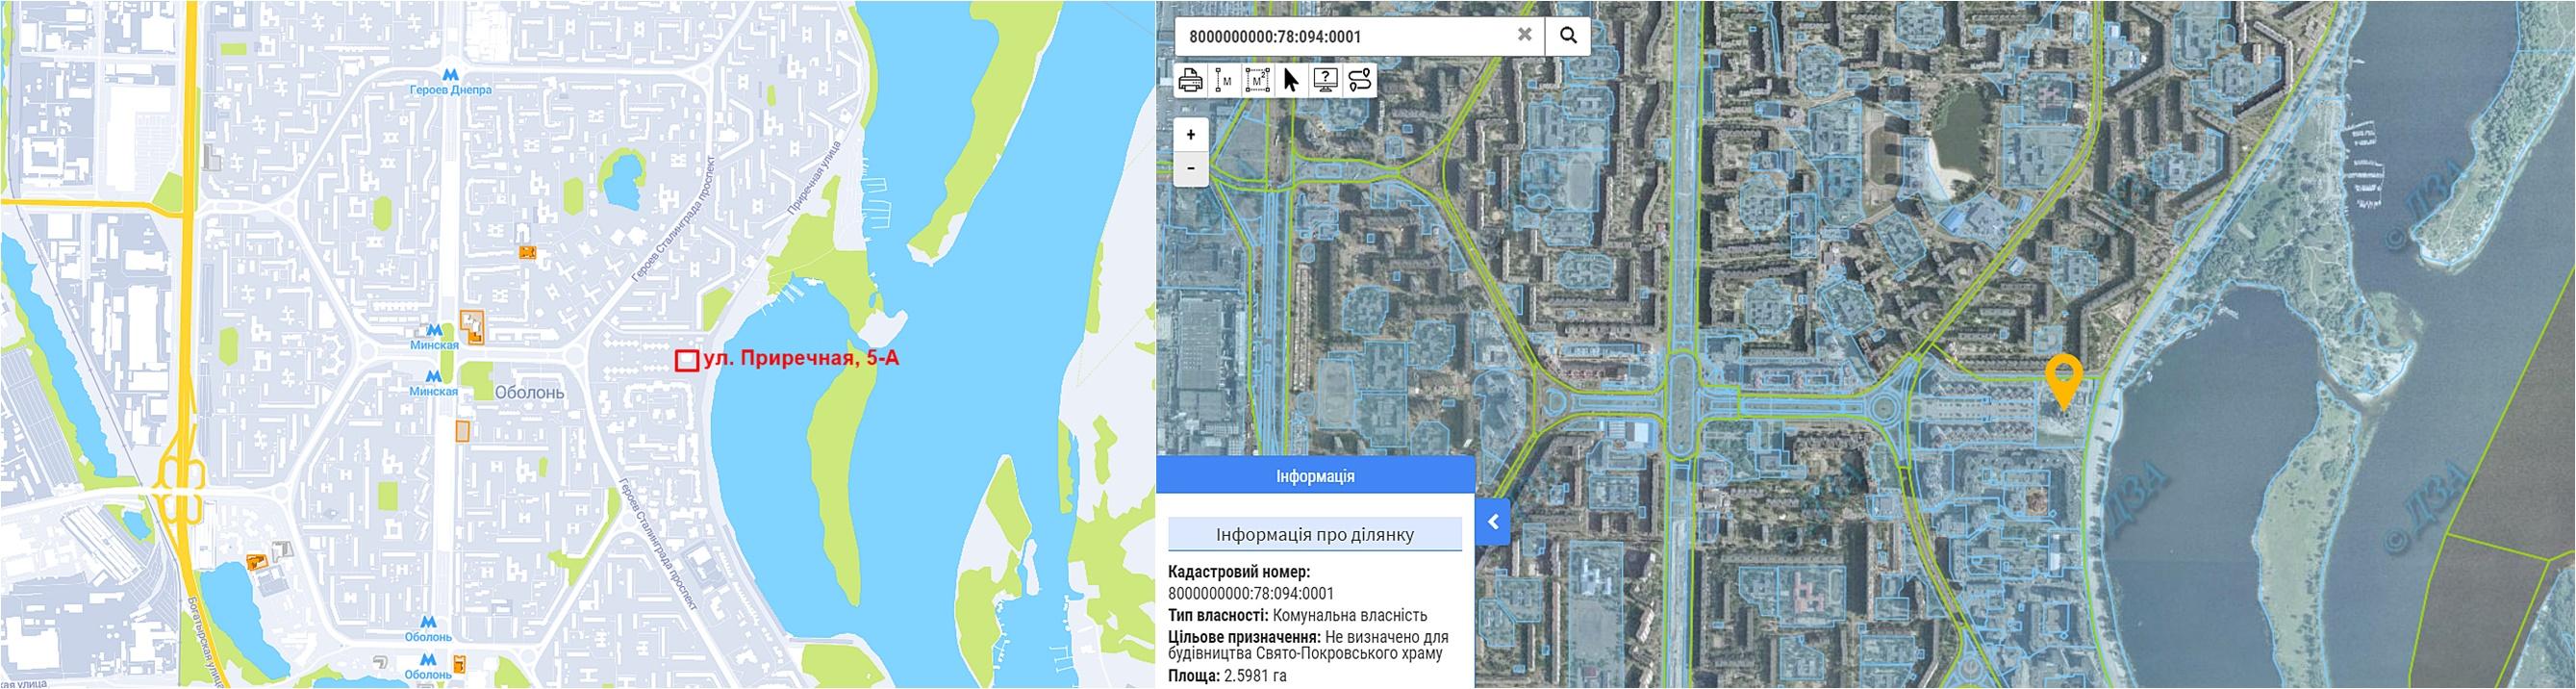 Проект по ул. Приречная 5а на карте и данные кадастра